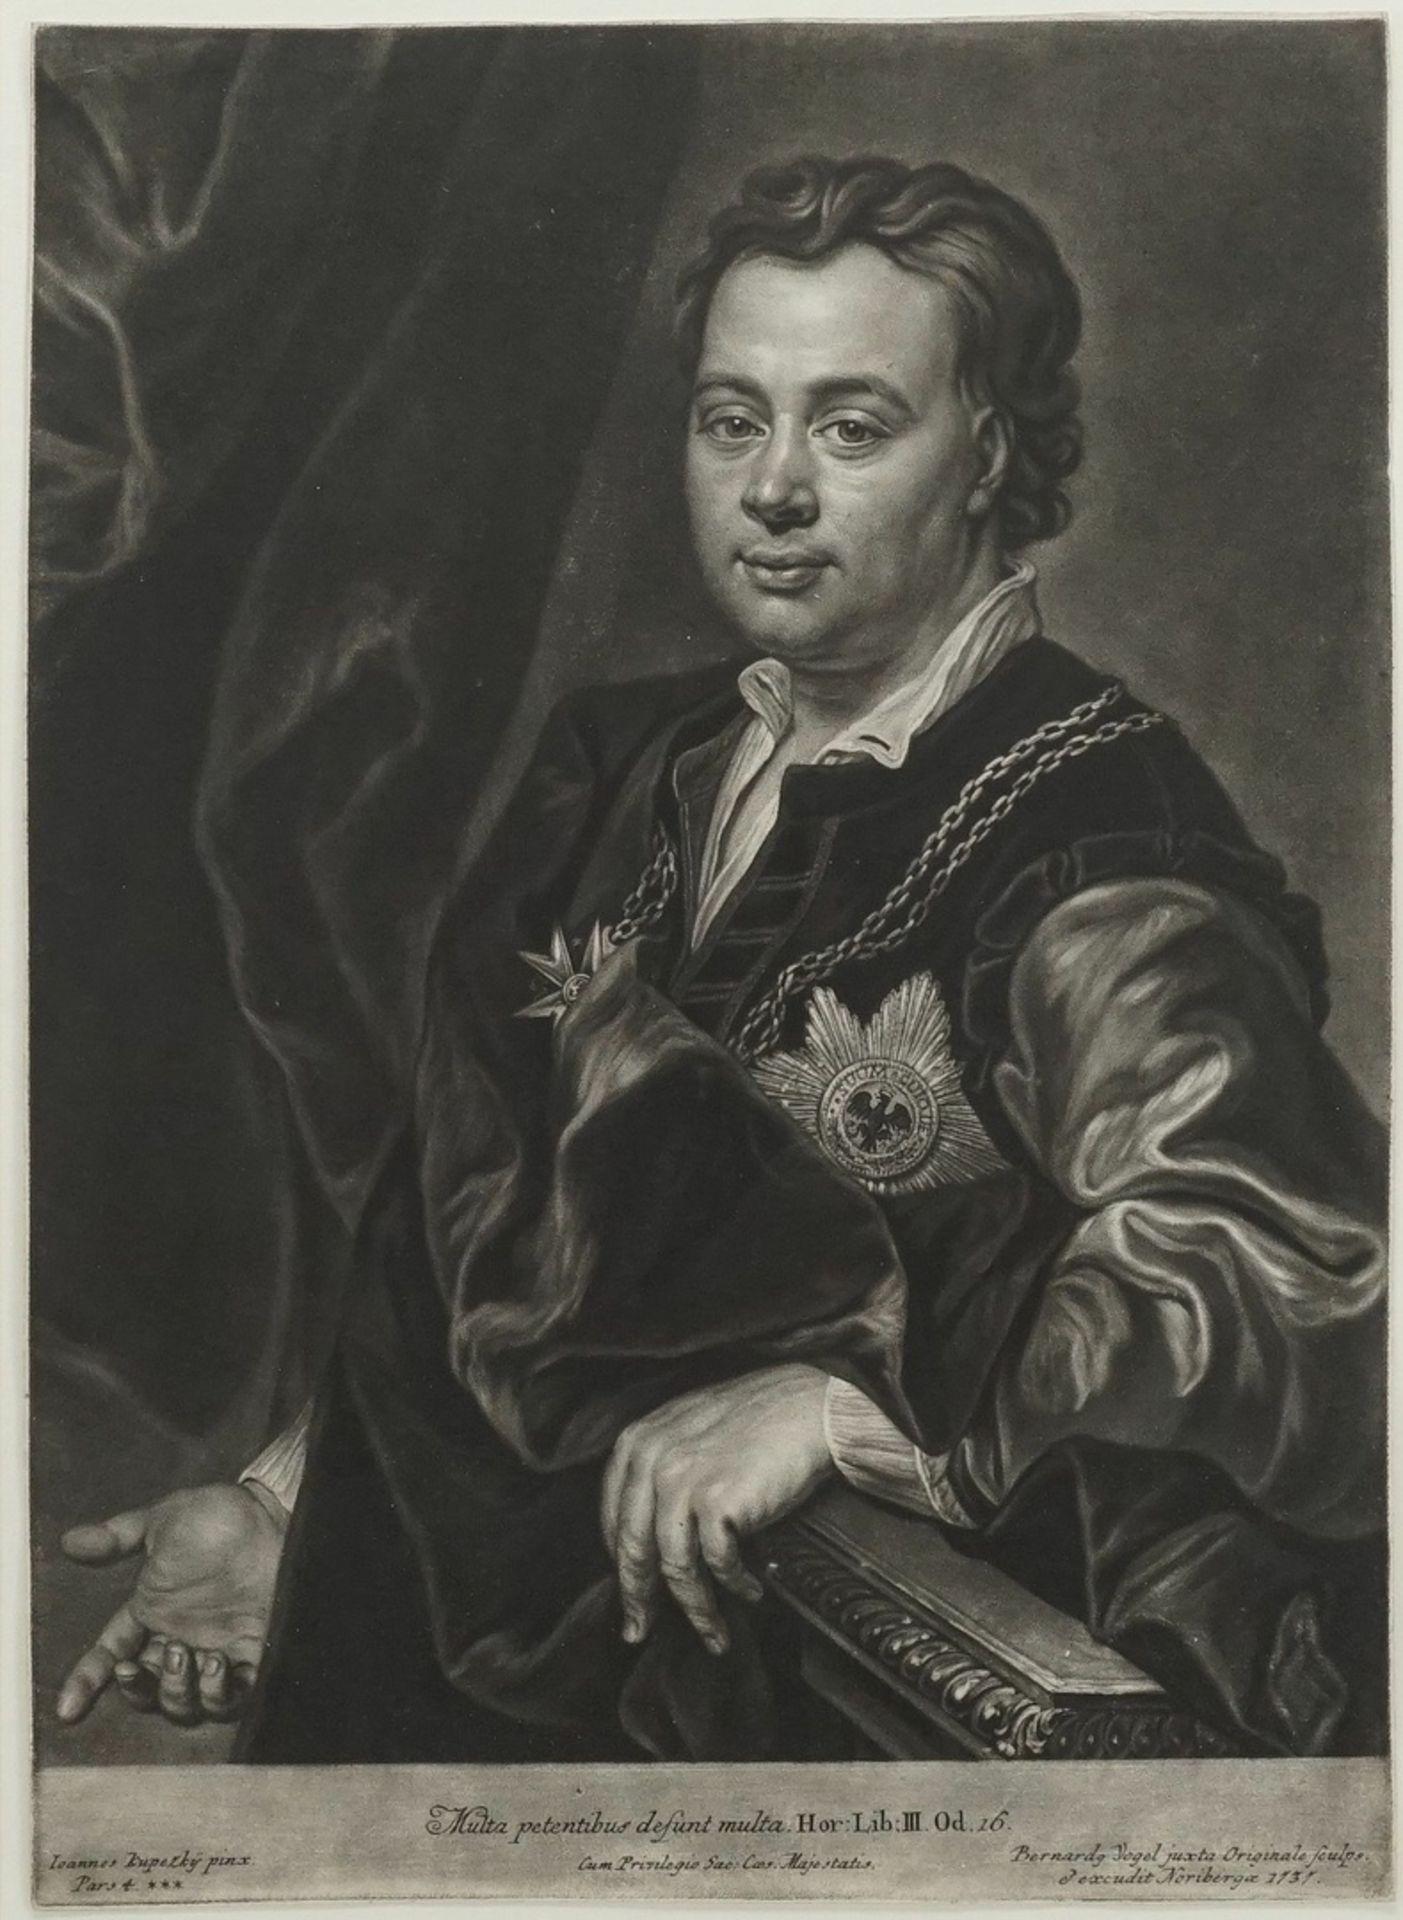 """Bernhard Vogel, """"Multa oetentibus desunt multa"""" (Bildnis Gustav Adolf von Gotter)"""